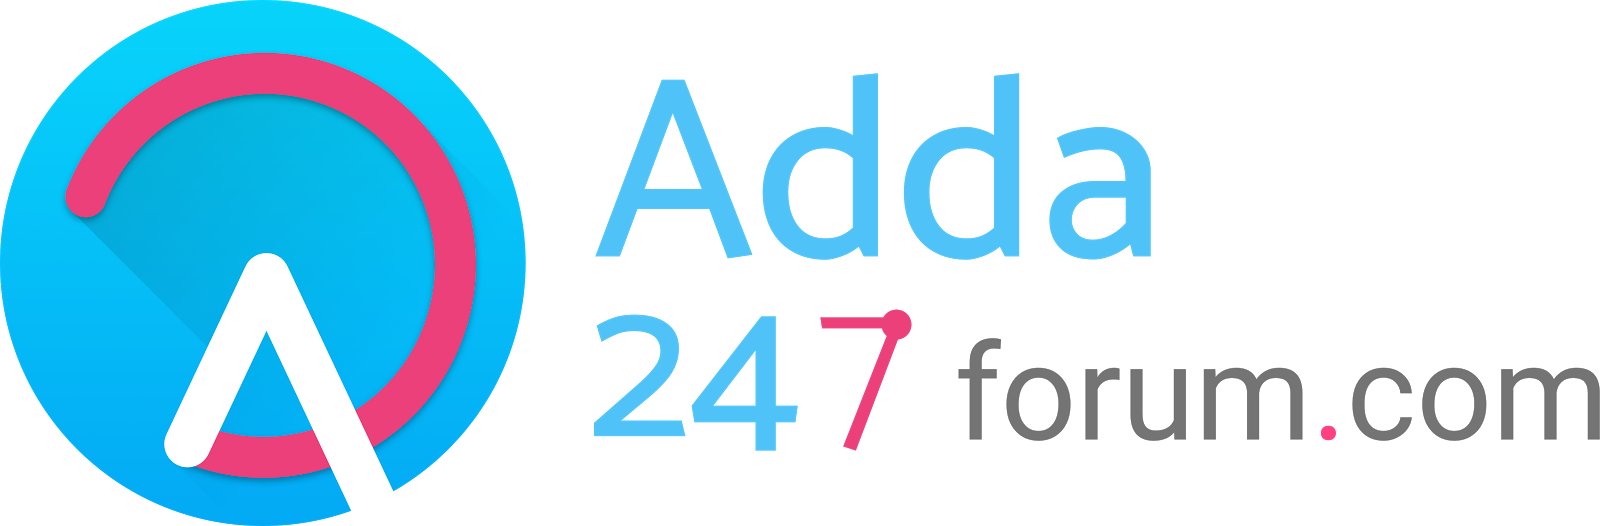 adda247forum.com